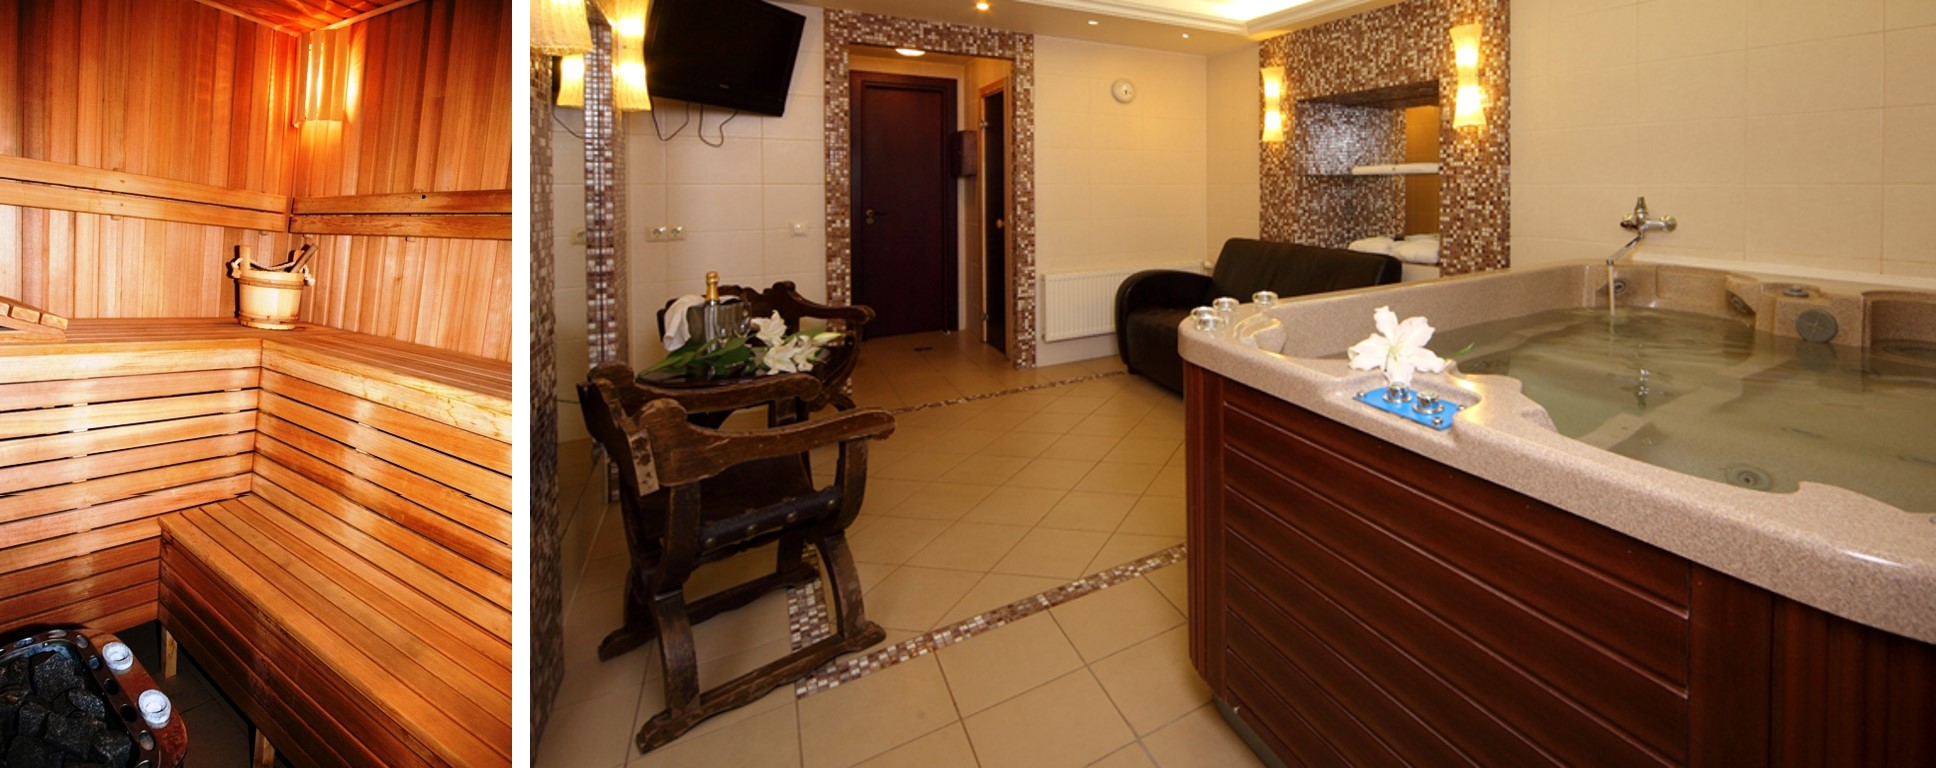 Spa hotel in Riga